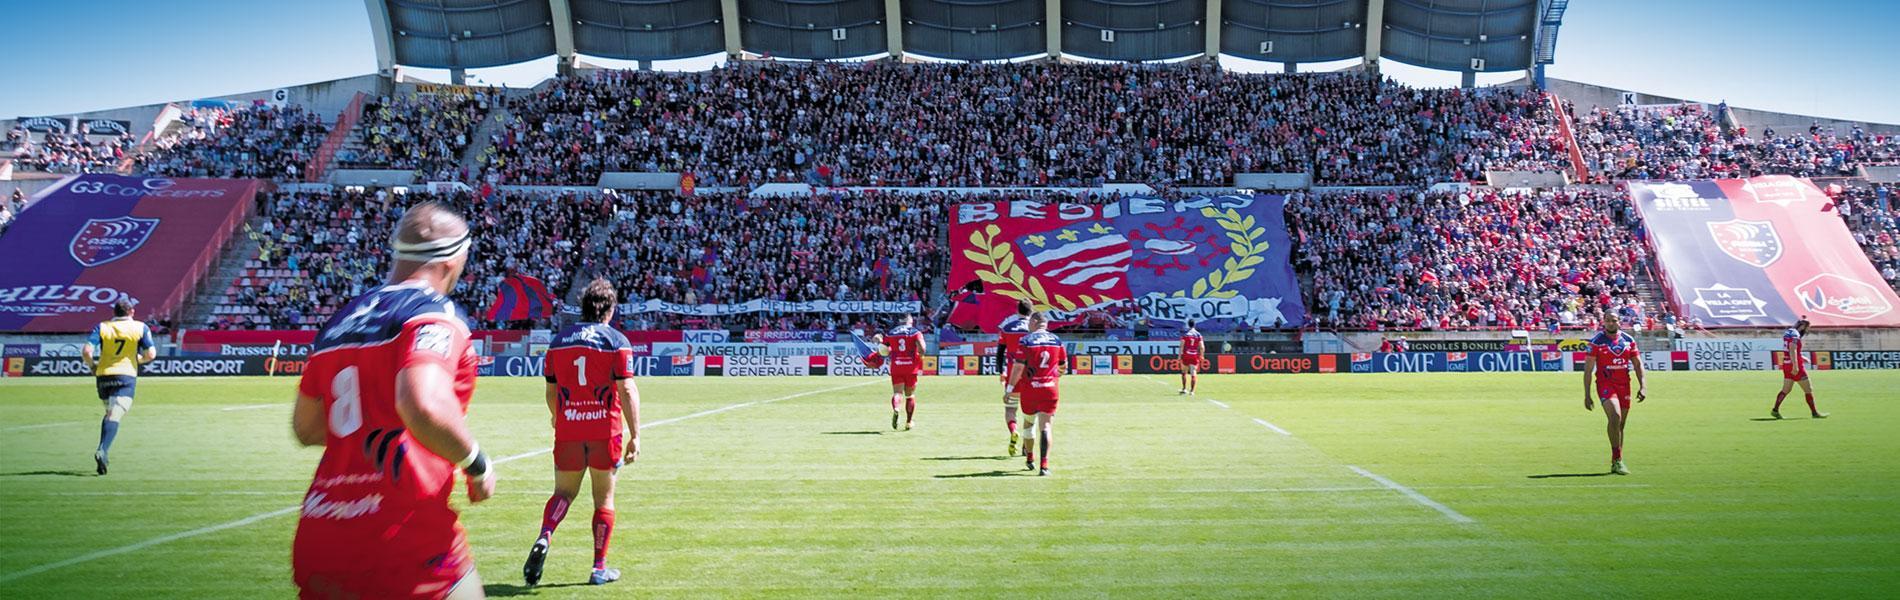 Image Bienvenue sur le site de l'AS Béziers Hérault, club de rugby professionnel évoluant en ProD2